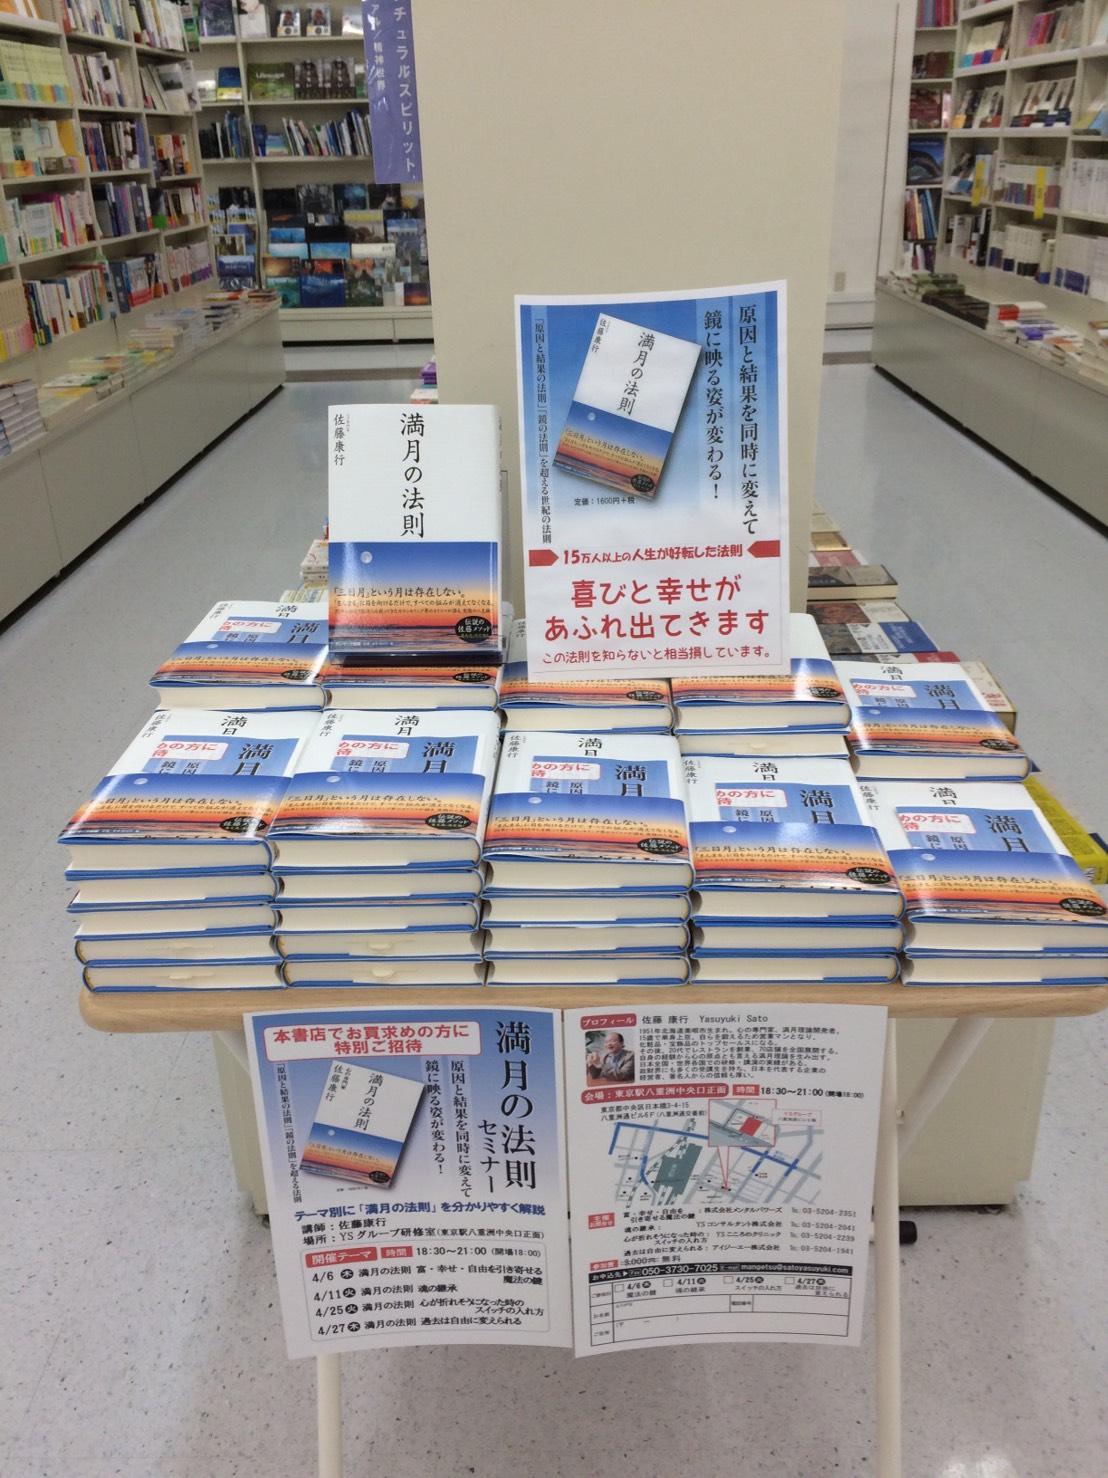 書籍『満月の法則』北海道札幌市のコーチャンフォーミュンヘン大橋店